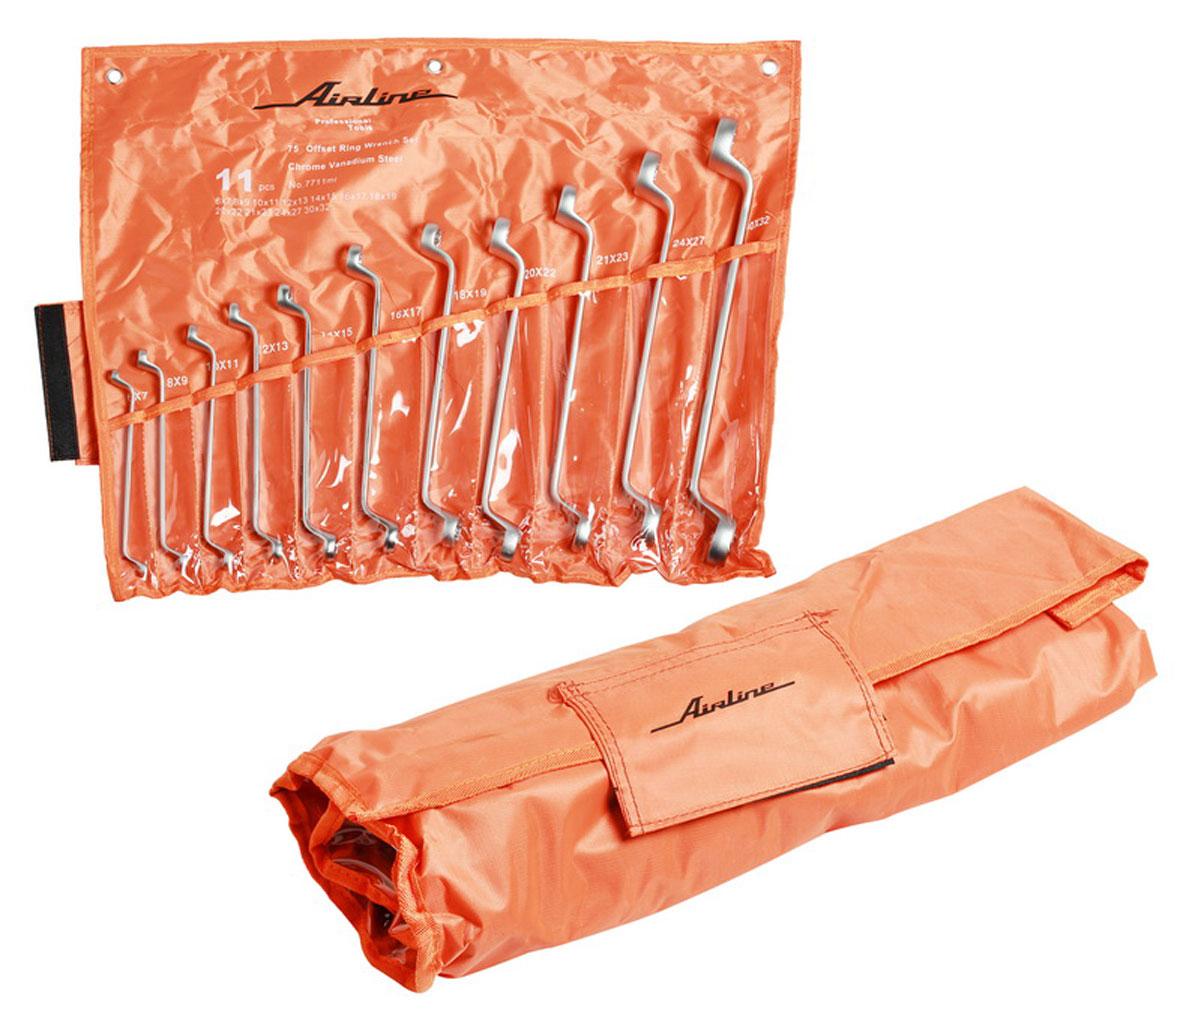 Набор ключей накидных Airline, в мягкой сумке, 6 мм - 32 мм, 11 штAT-11-13Набор накидных ключей Airline необходим каждому автомобилисту для проведения разноплановых ремонтных работ. В комплекте представлено 11 ключей с различными размерными характеристиками. Все инструменты изготовлены из инструментальной ванадиевой стали. Для удобной транспортировки набора предусмотрена специальная сумка с отдельными кармашками для каждого инструмента. Долговечные, эргономичные, крепко слаженные инструменты Airline подойдут любому - от требовательного мастера до высококлассного специалиста. Состав набора: ключ накидной 6х7, 8х9, 10х11, 12х13, 14х15, 16х17, 18х19, 20х22, 21х23, 24х27, 30х32 мм